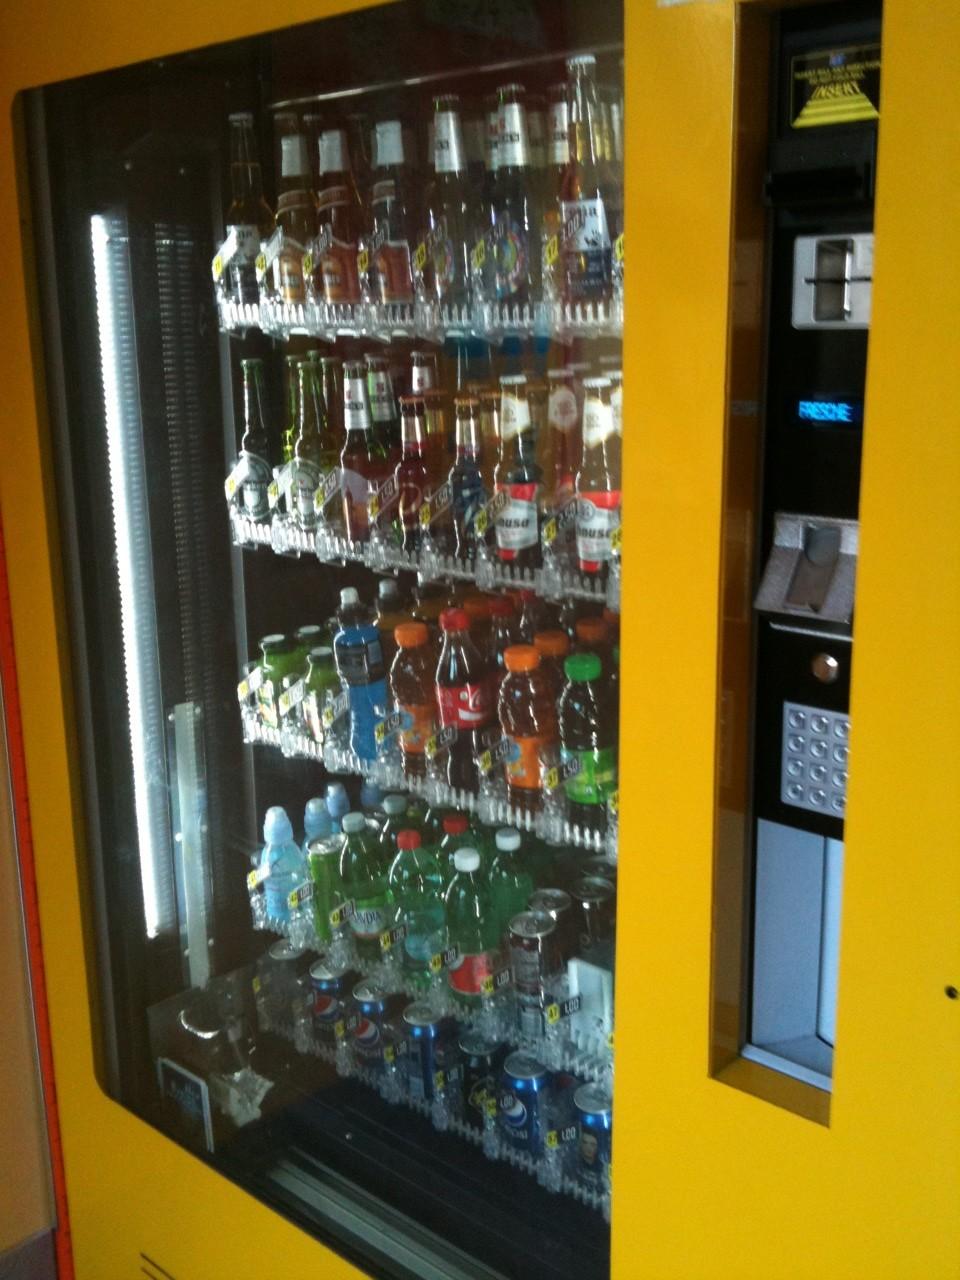 Beer Vending Machines An American In Rome